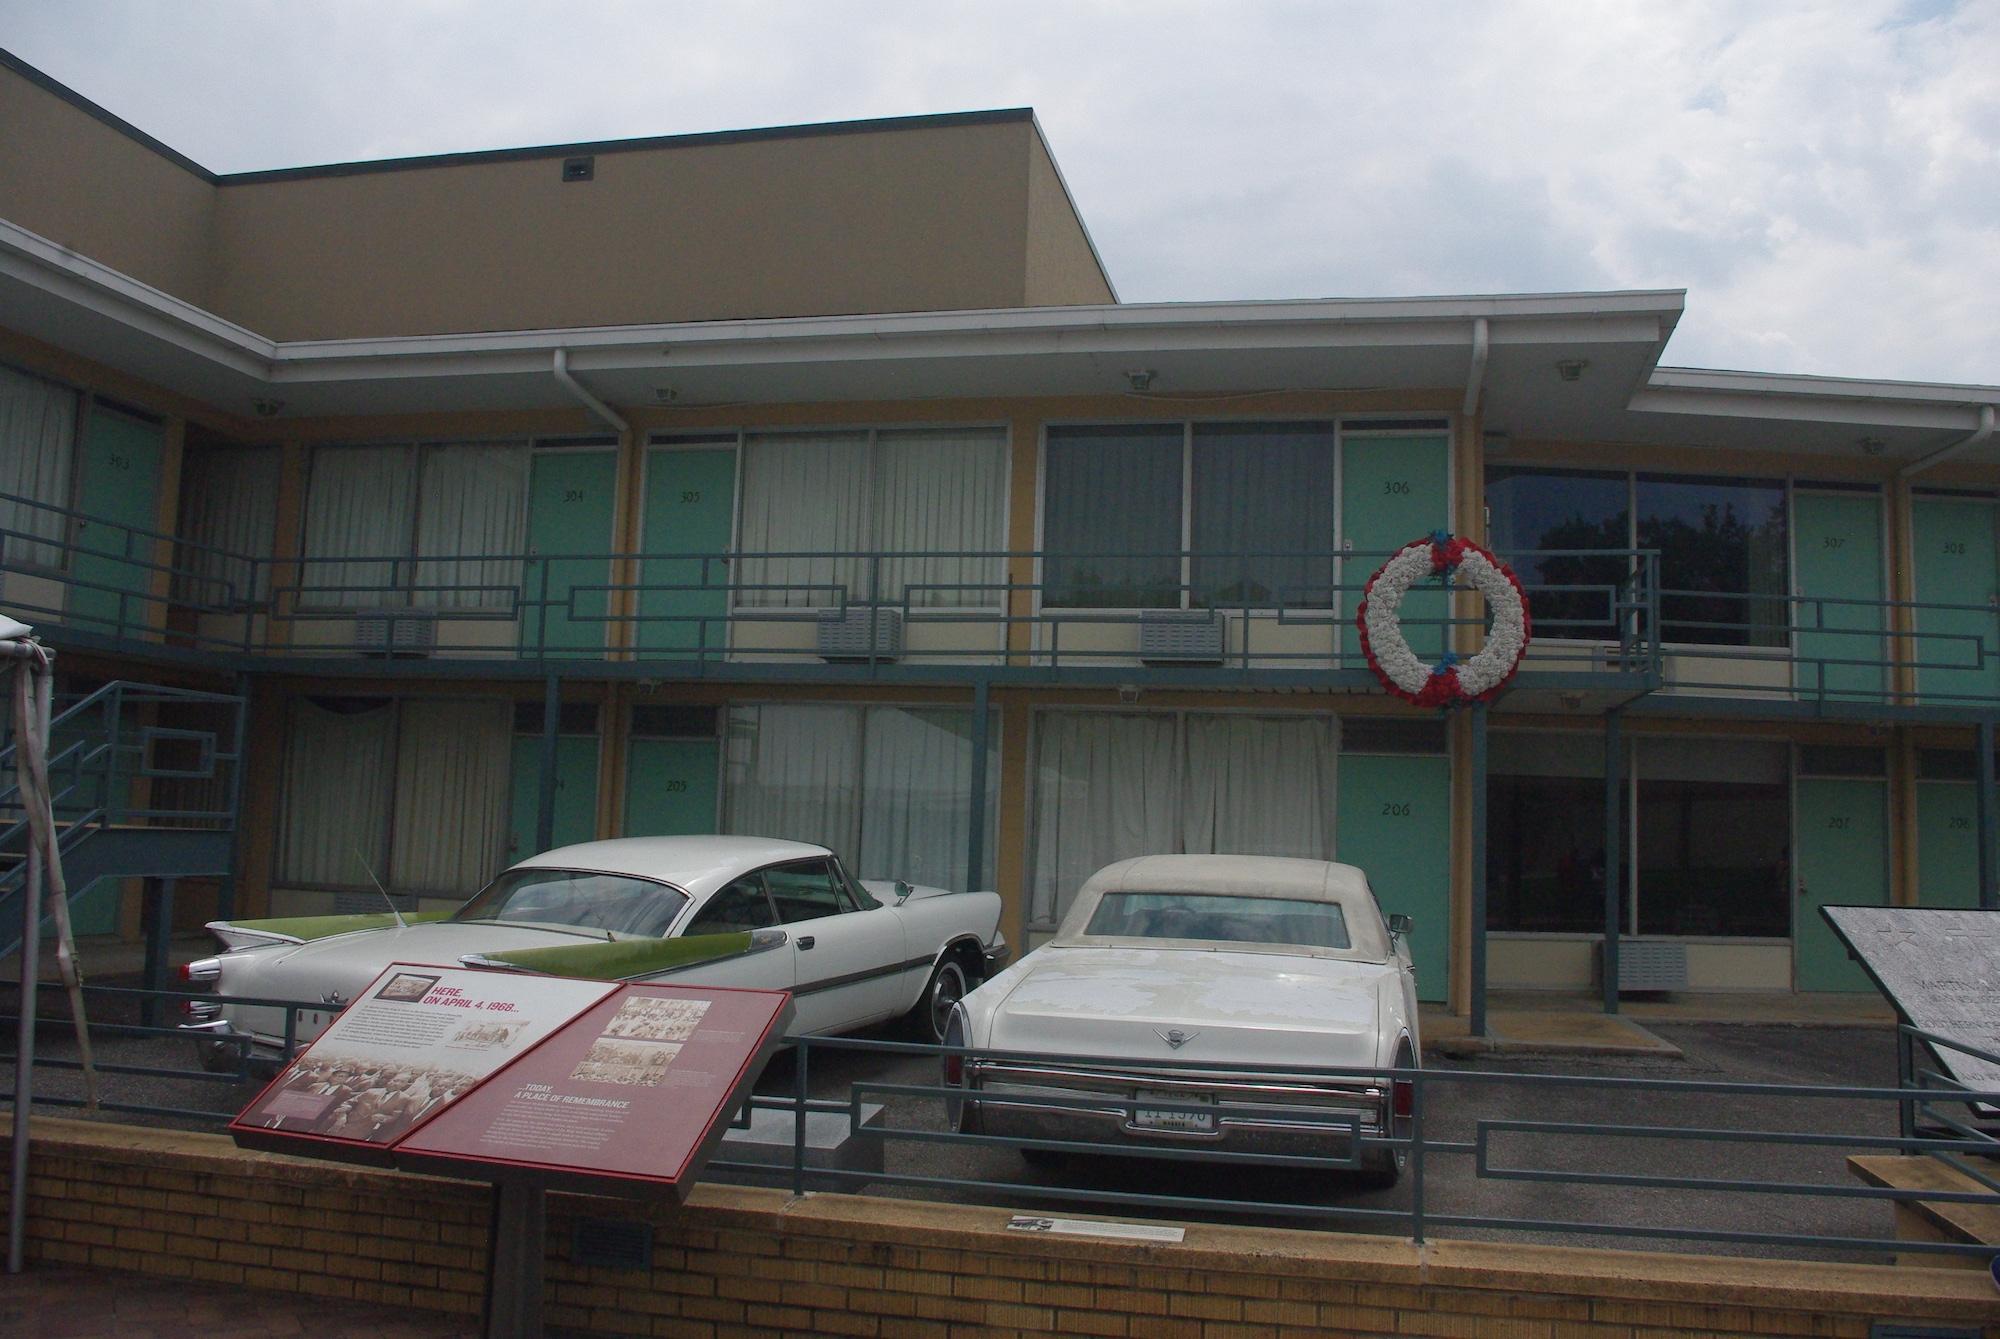 La chambre 306 (avec la couronne) et le balcon où MLK a été tué. Les voitures étaient garées là à l'époque